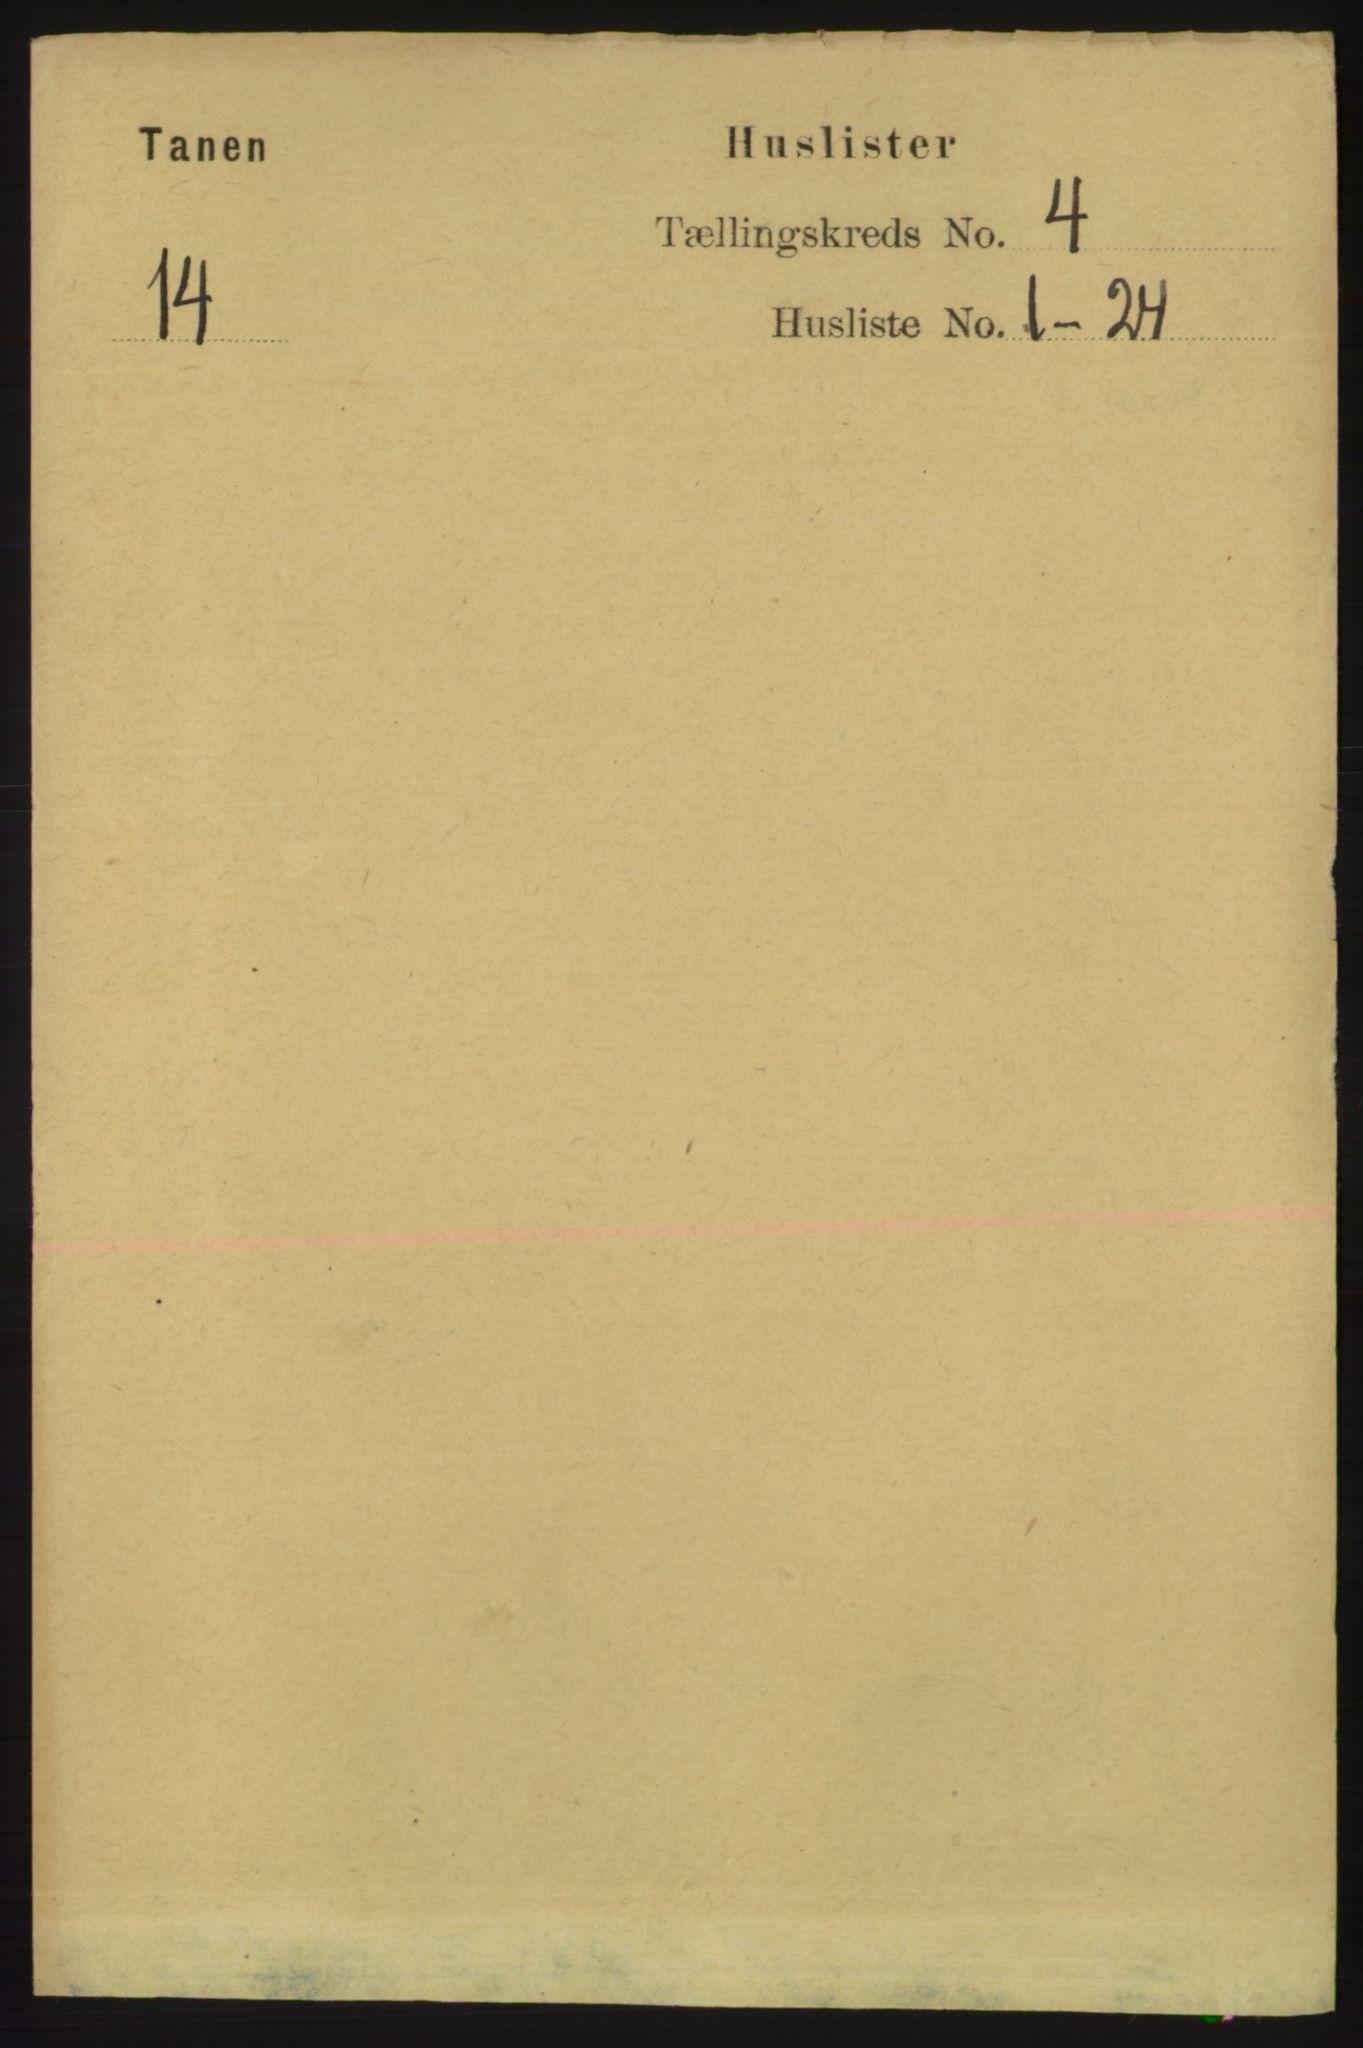 RA, Folketelling 1891 for 2025 Tana herred, 1891, s. 1715